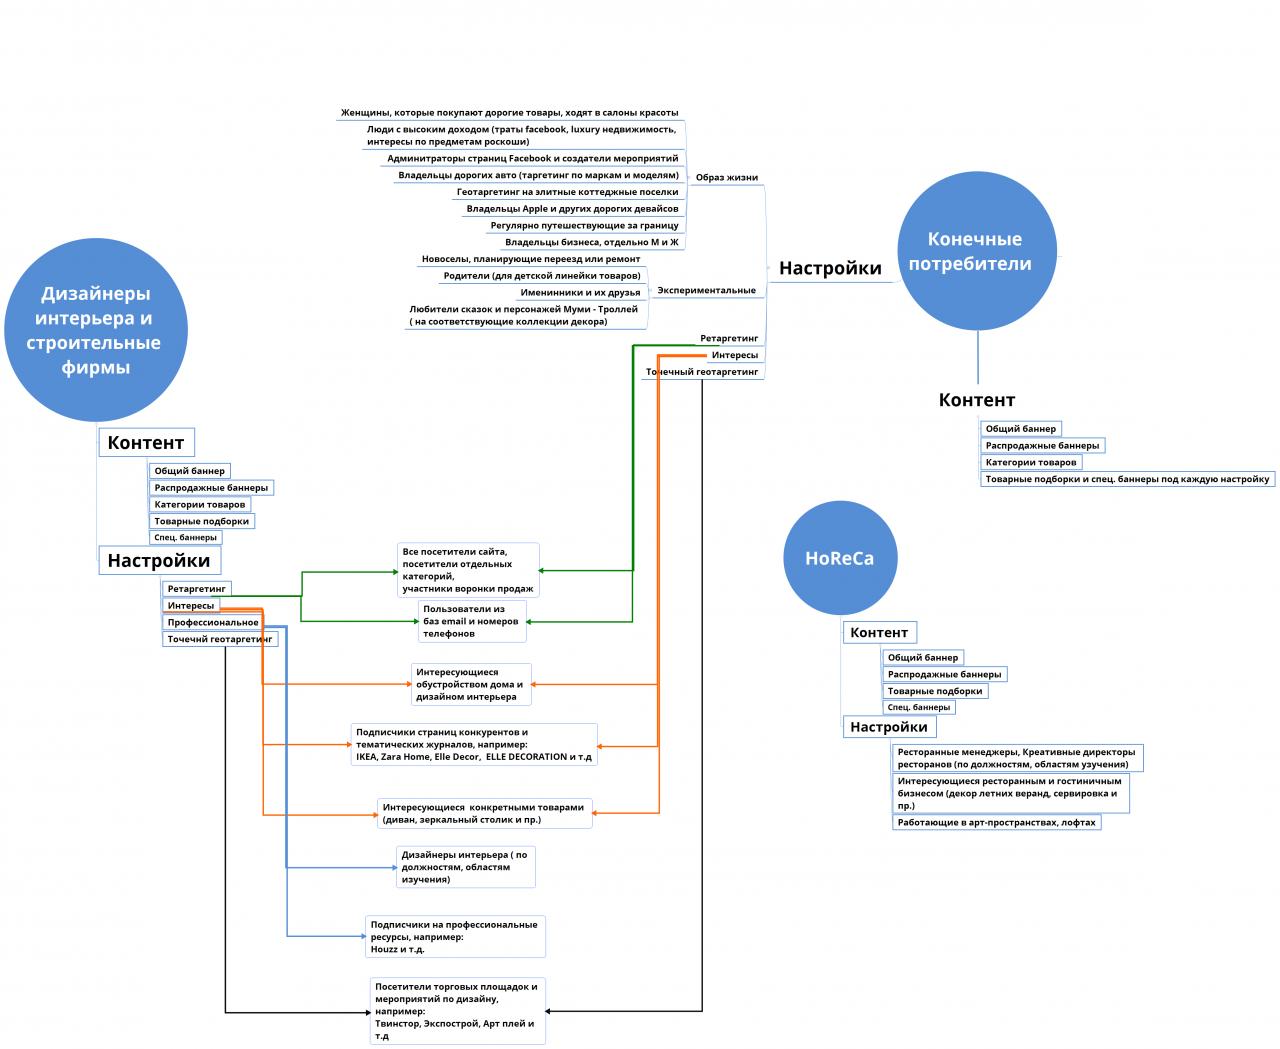 Система оптимизации рекламы Facebook.png